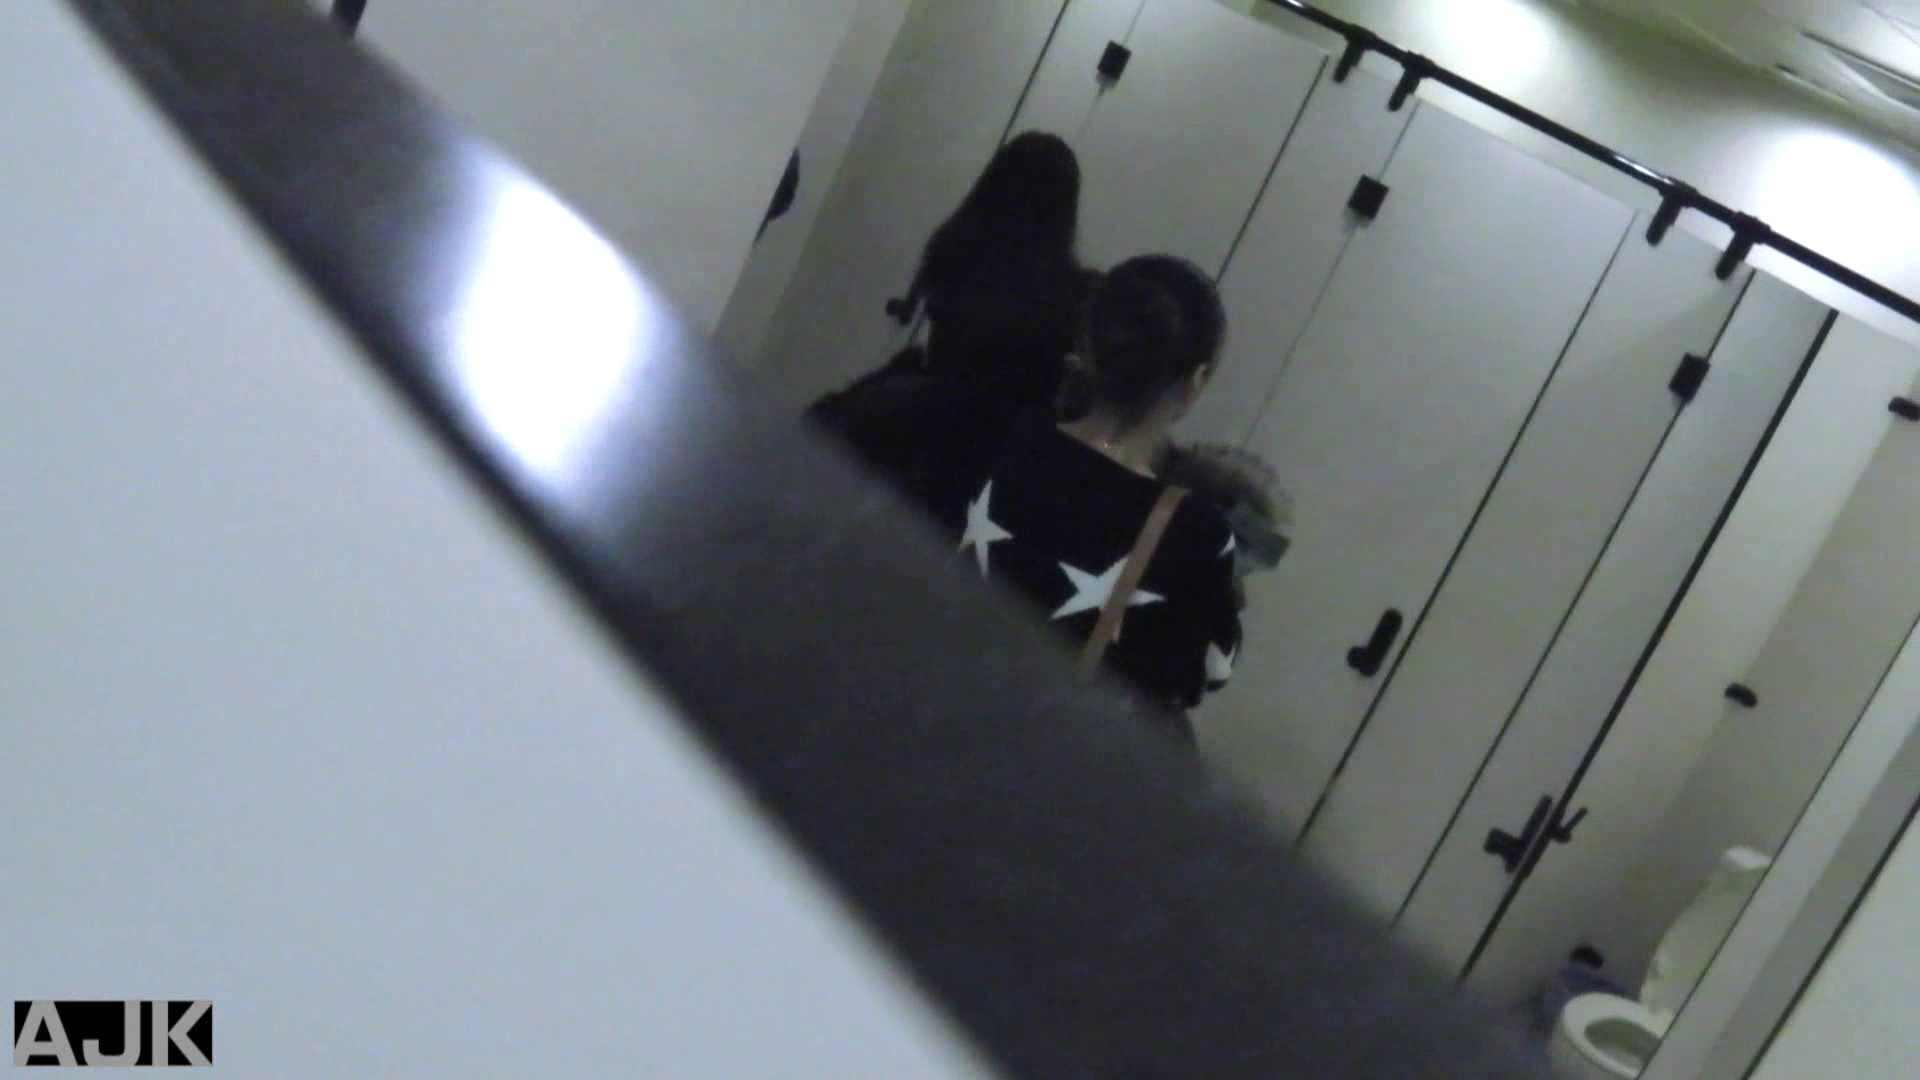 隣国上階級エリアの令嬢たちが集うデパートお手洗い Vol.30 便所の中まで   お嬢様のエロ動画  100枚 45